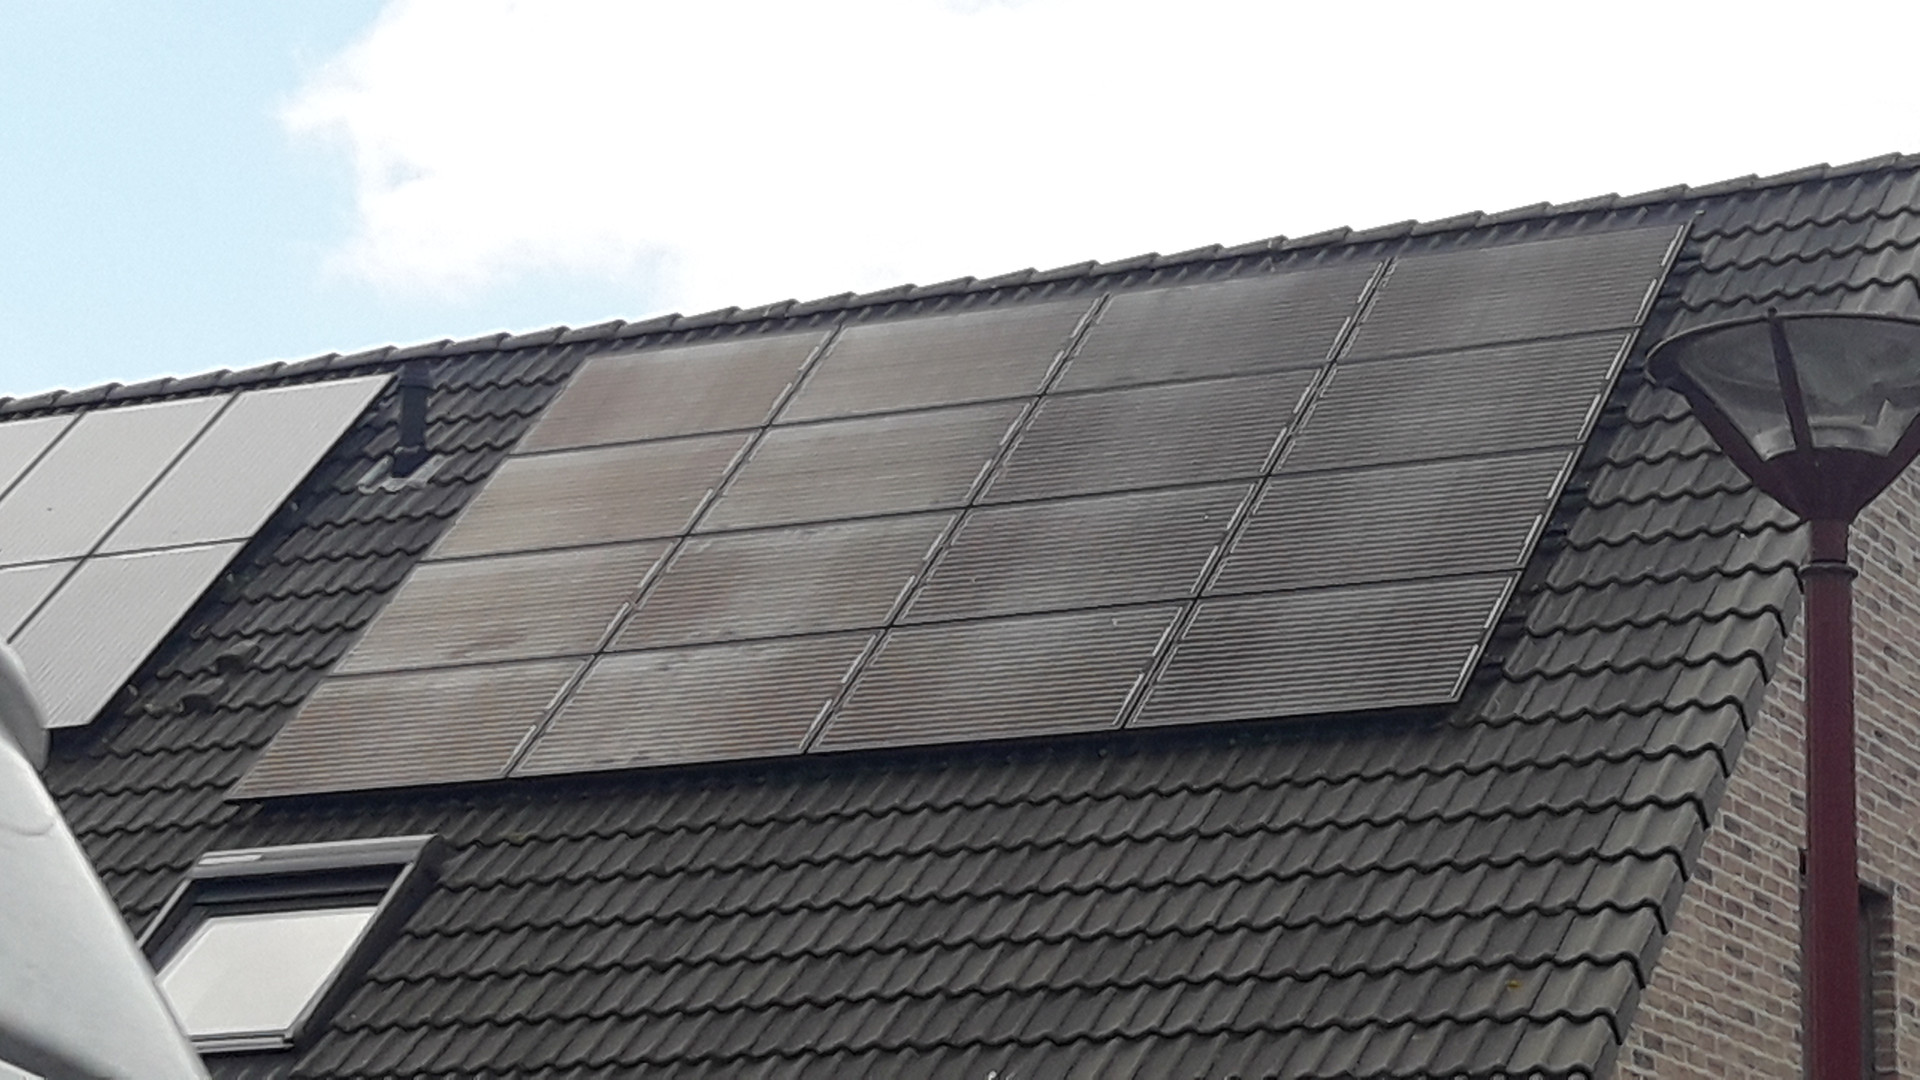 Roetneerslag op zonnepannelen